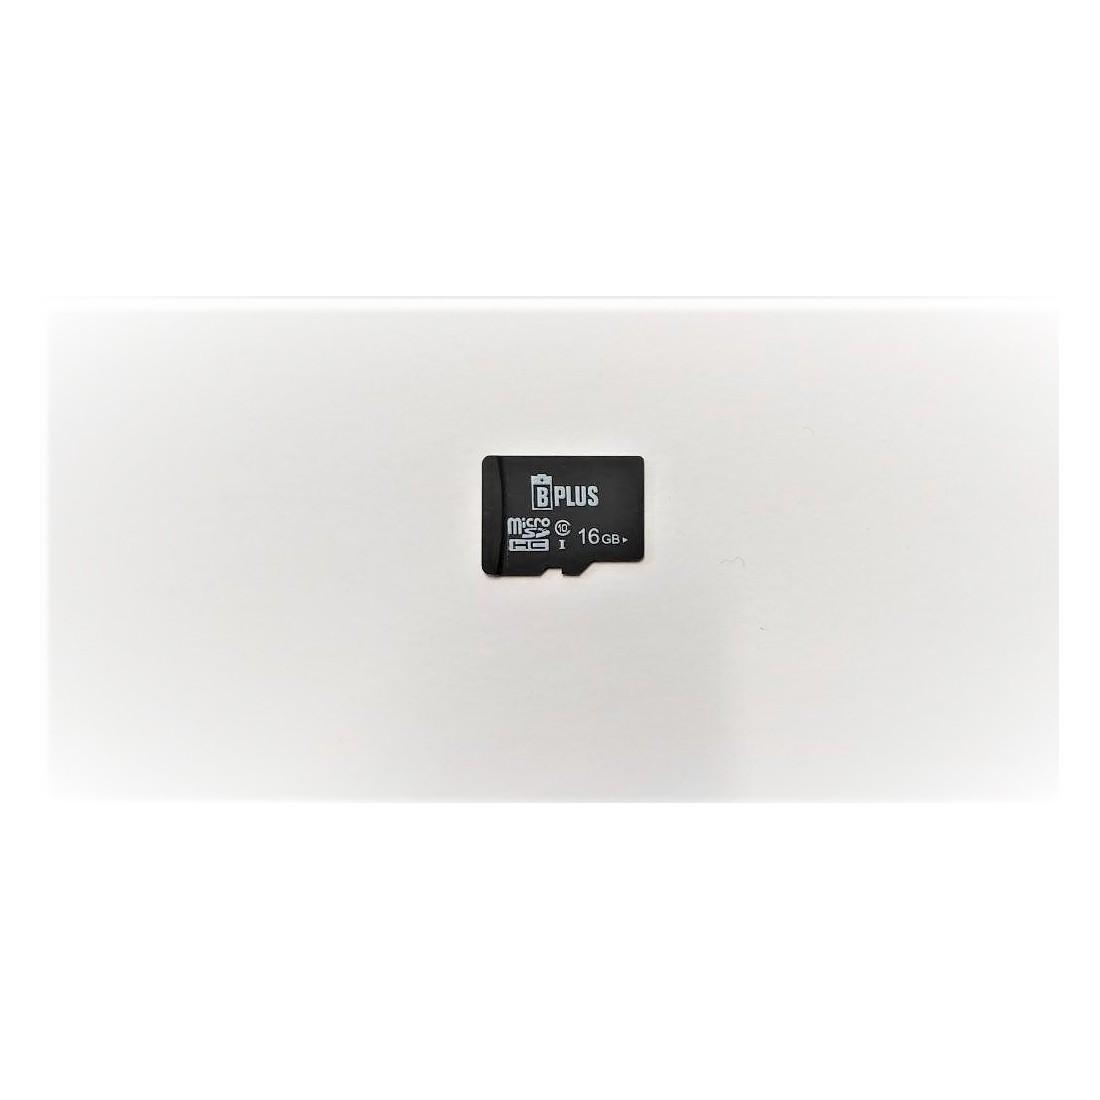 Карта памяти 16 gb micro sd B+plus 10 class SD adapter оптом